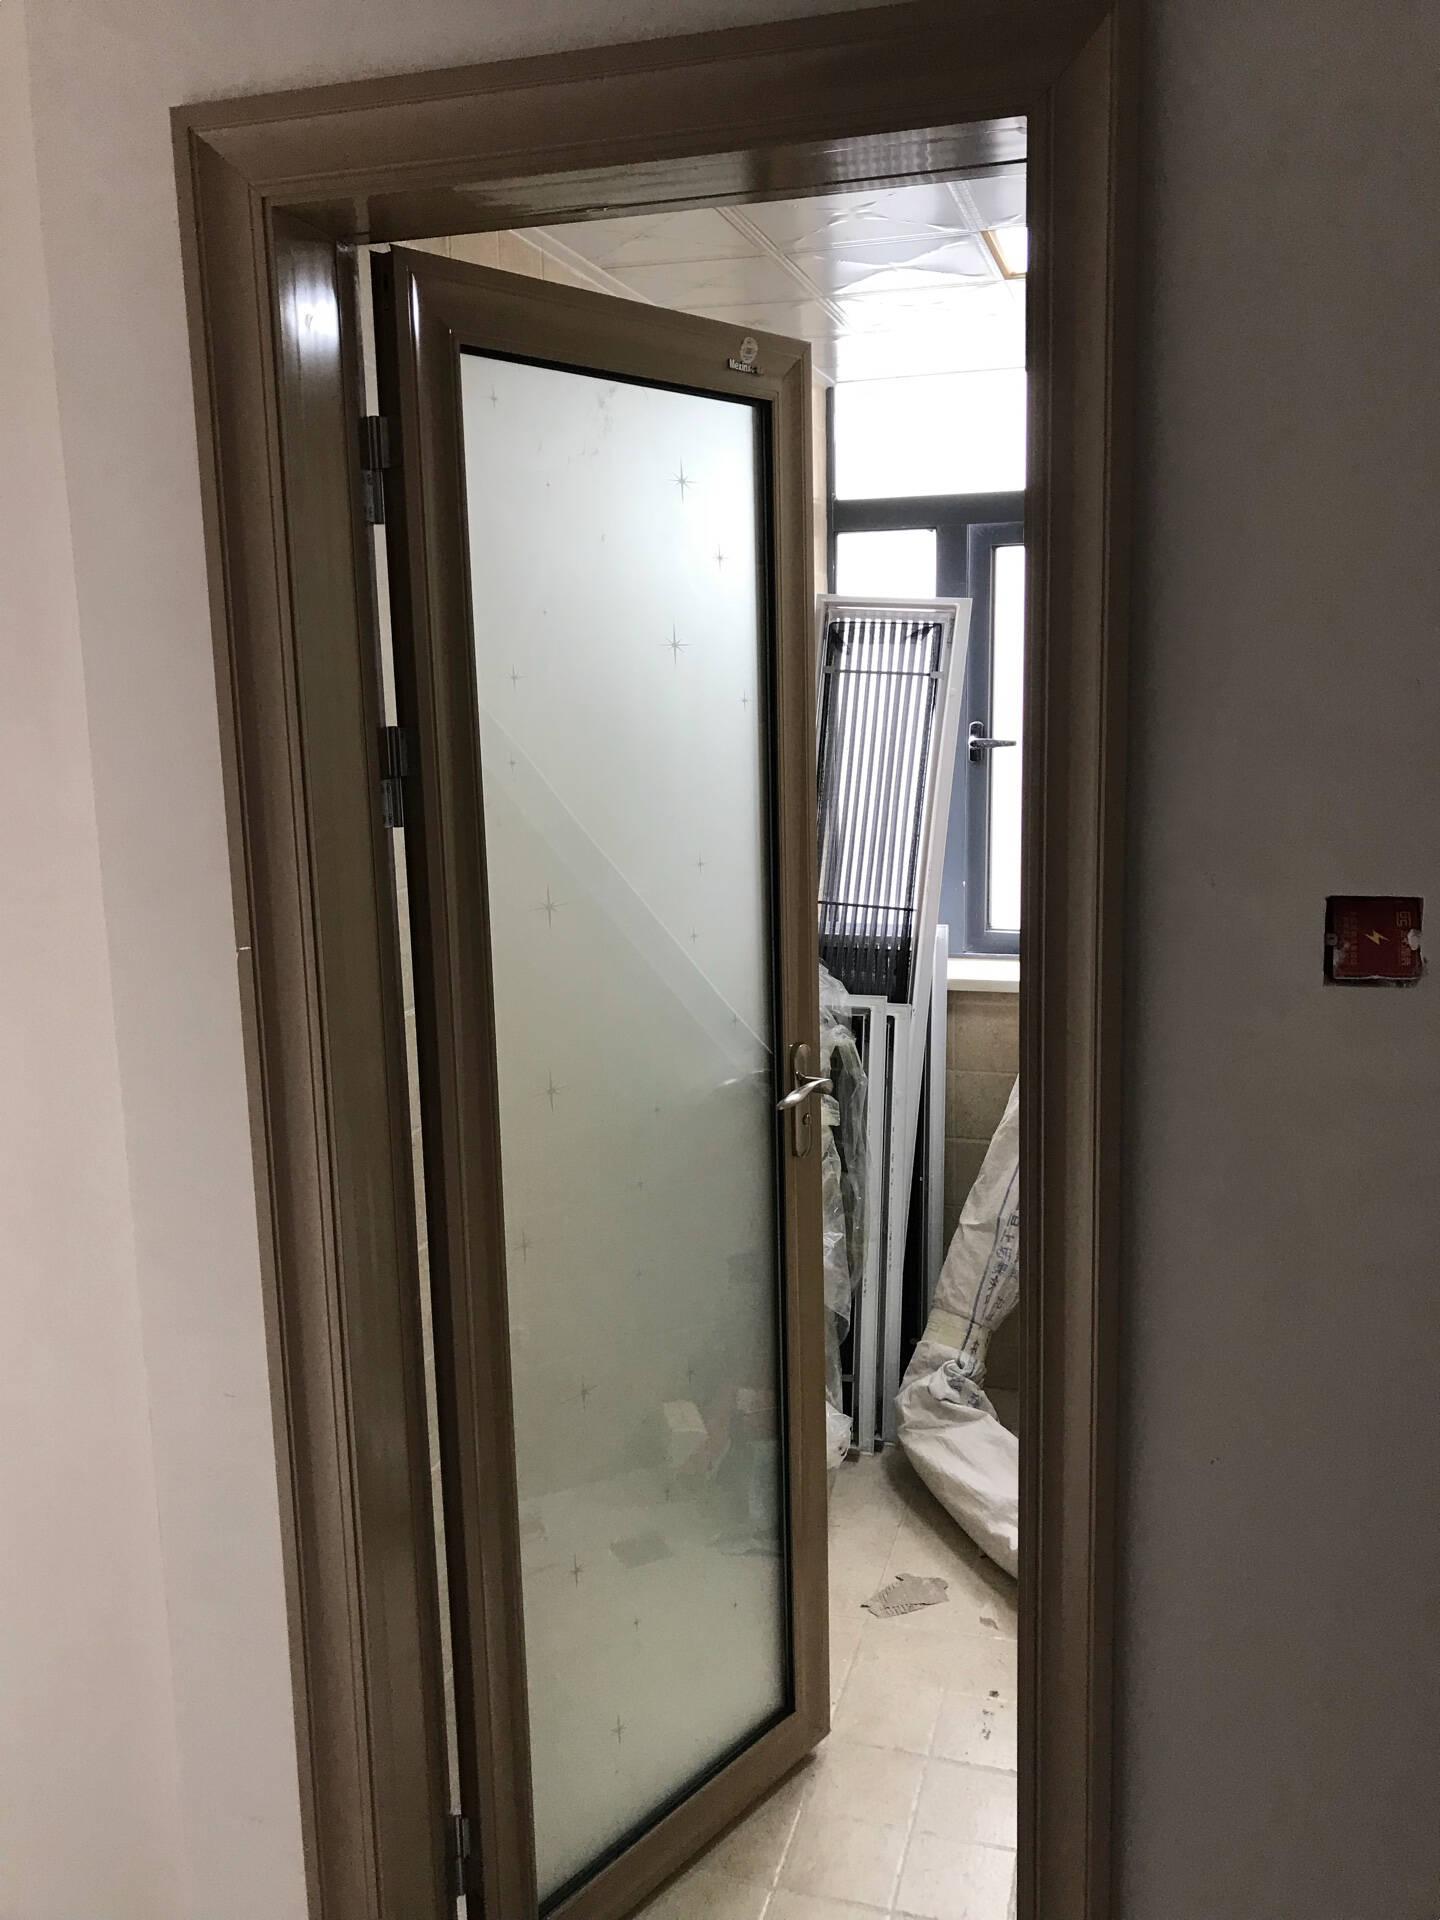 美心偙朗木门厨卫门钛镁合金门防潮抗变双层钢化玻璃门卫生间厨房门8917双包